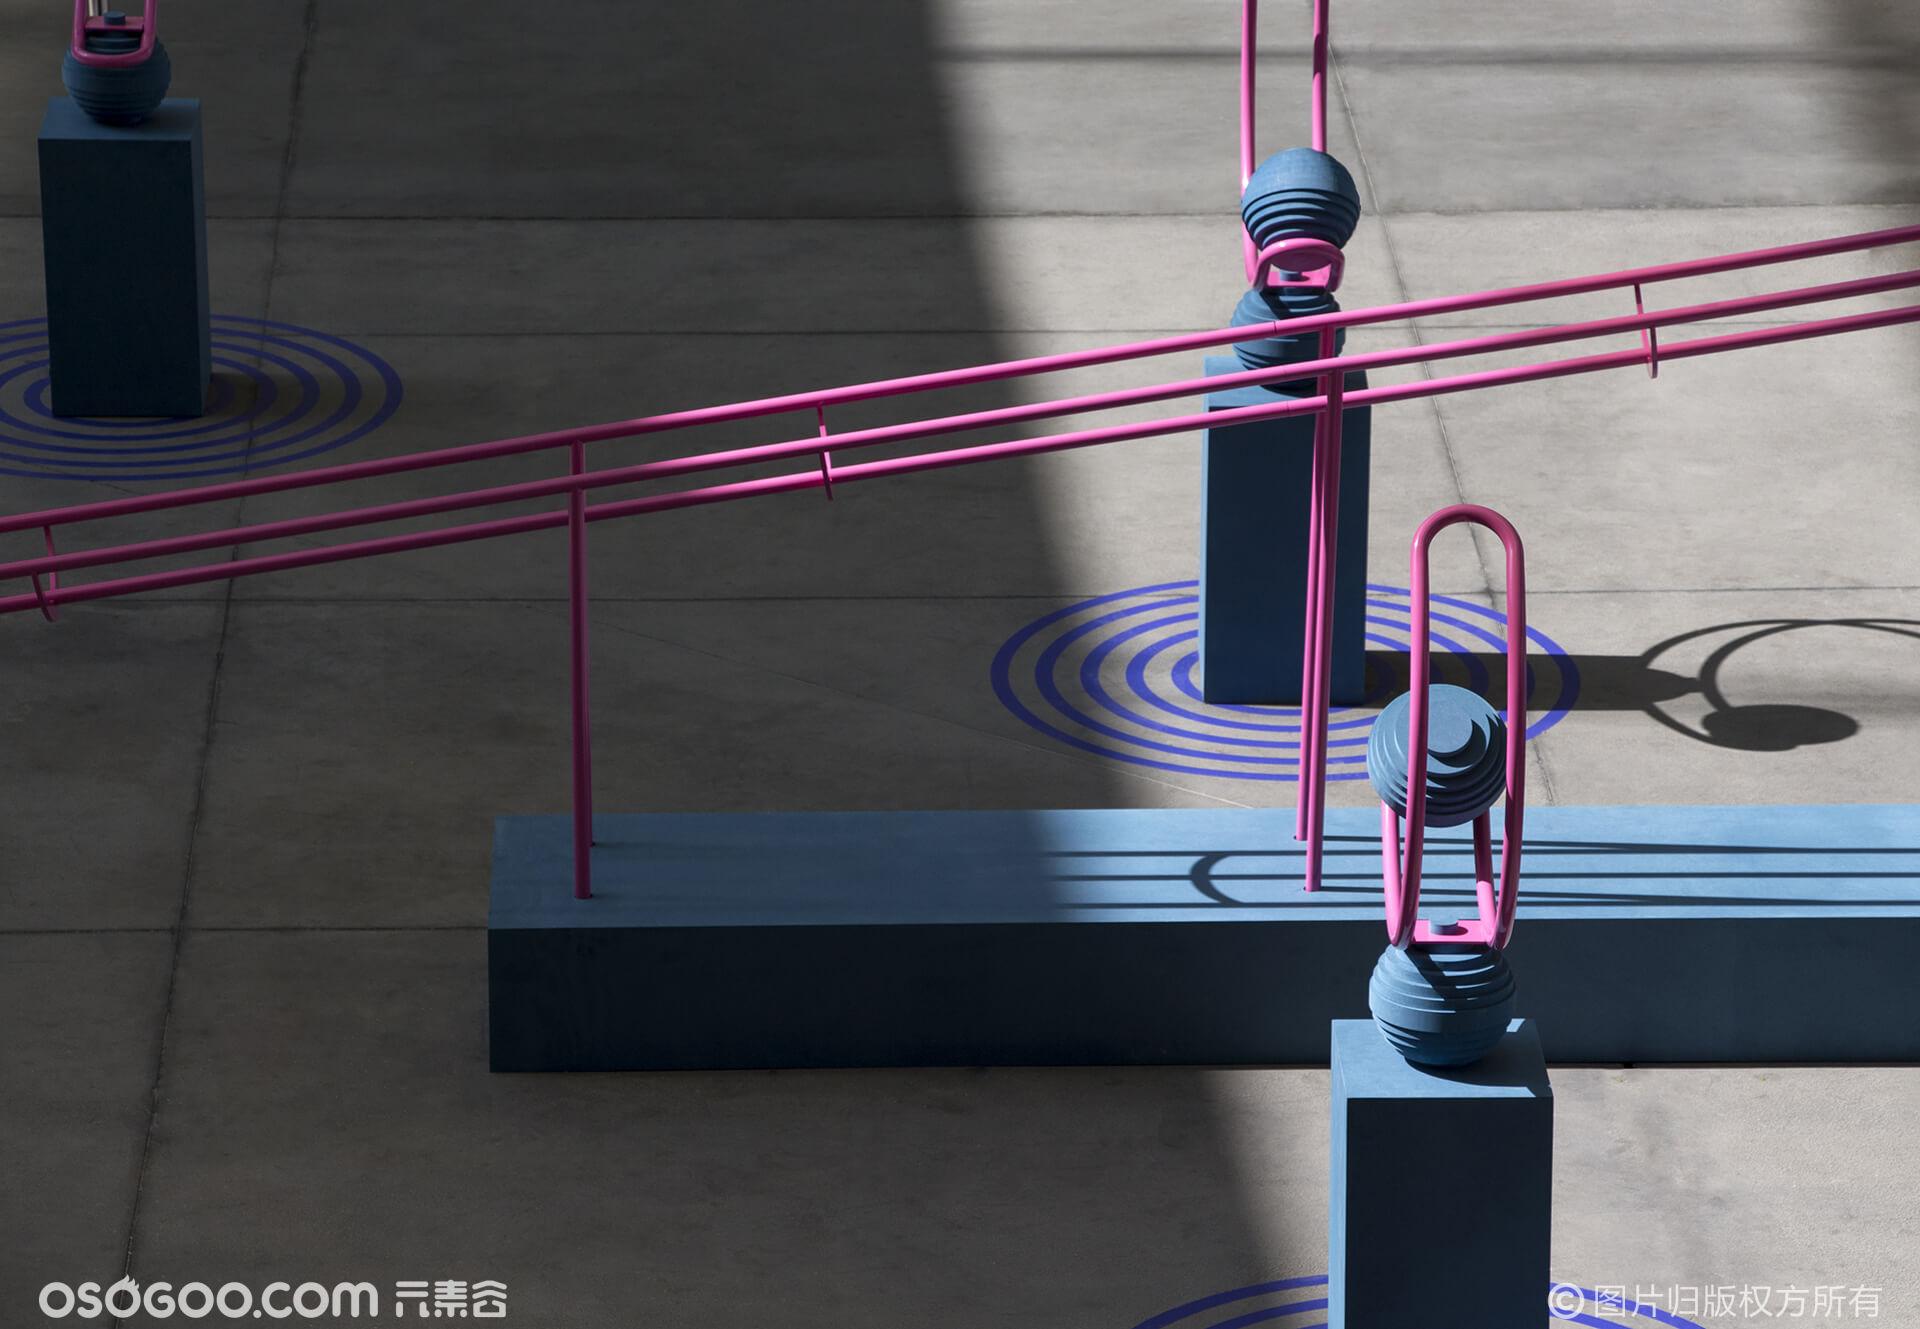 为什么这个阿迪达斯篮球场那么……嗯……漂亮?是巴黎效应吗?